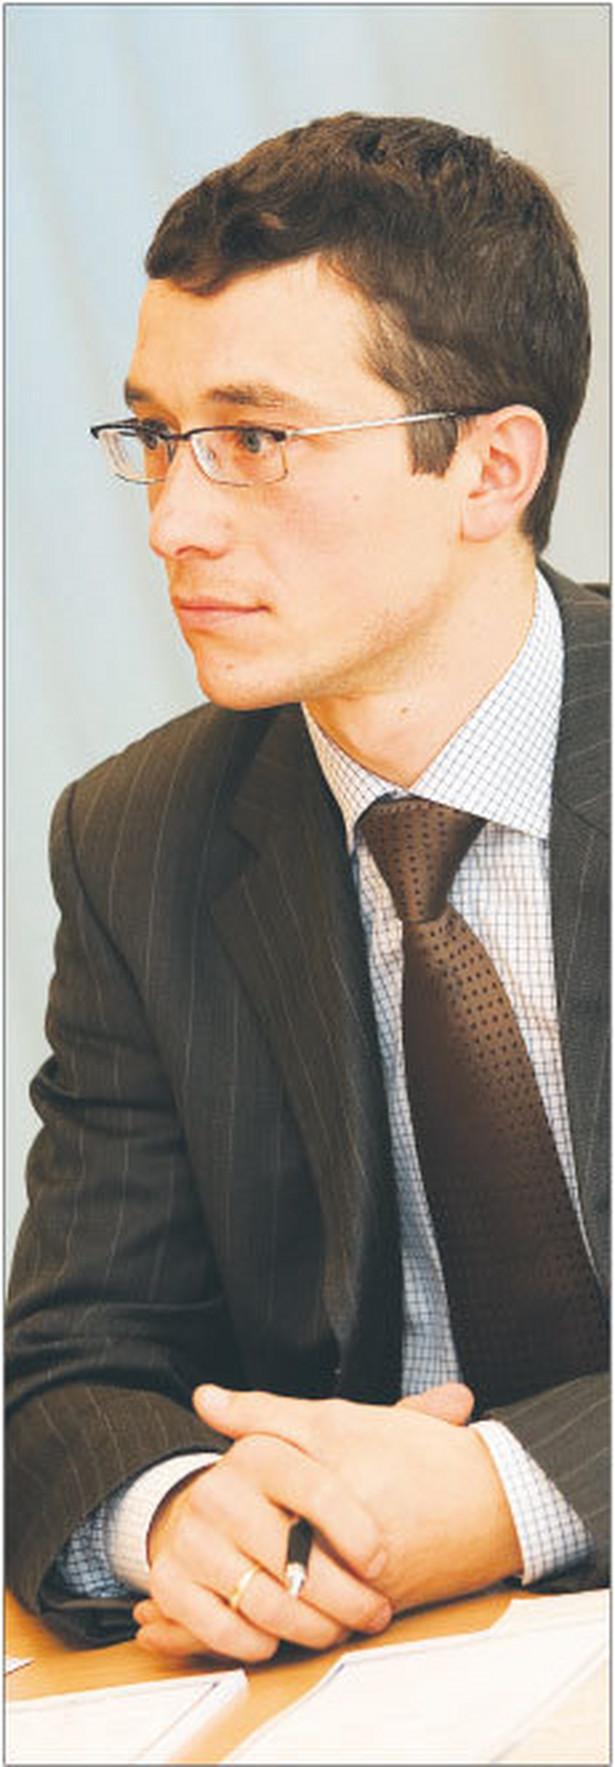 Wiktor Wojciechowski, dr nauk ekonomicznych, członek zarządu Fundacji FOR (Forum Obywatelskiego Rozwoju), dyrektor działu analitycznego w FOR Fot. Marek Matusiak